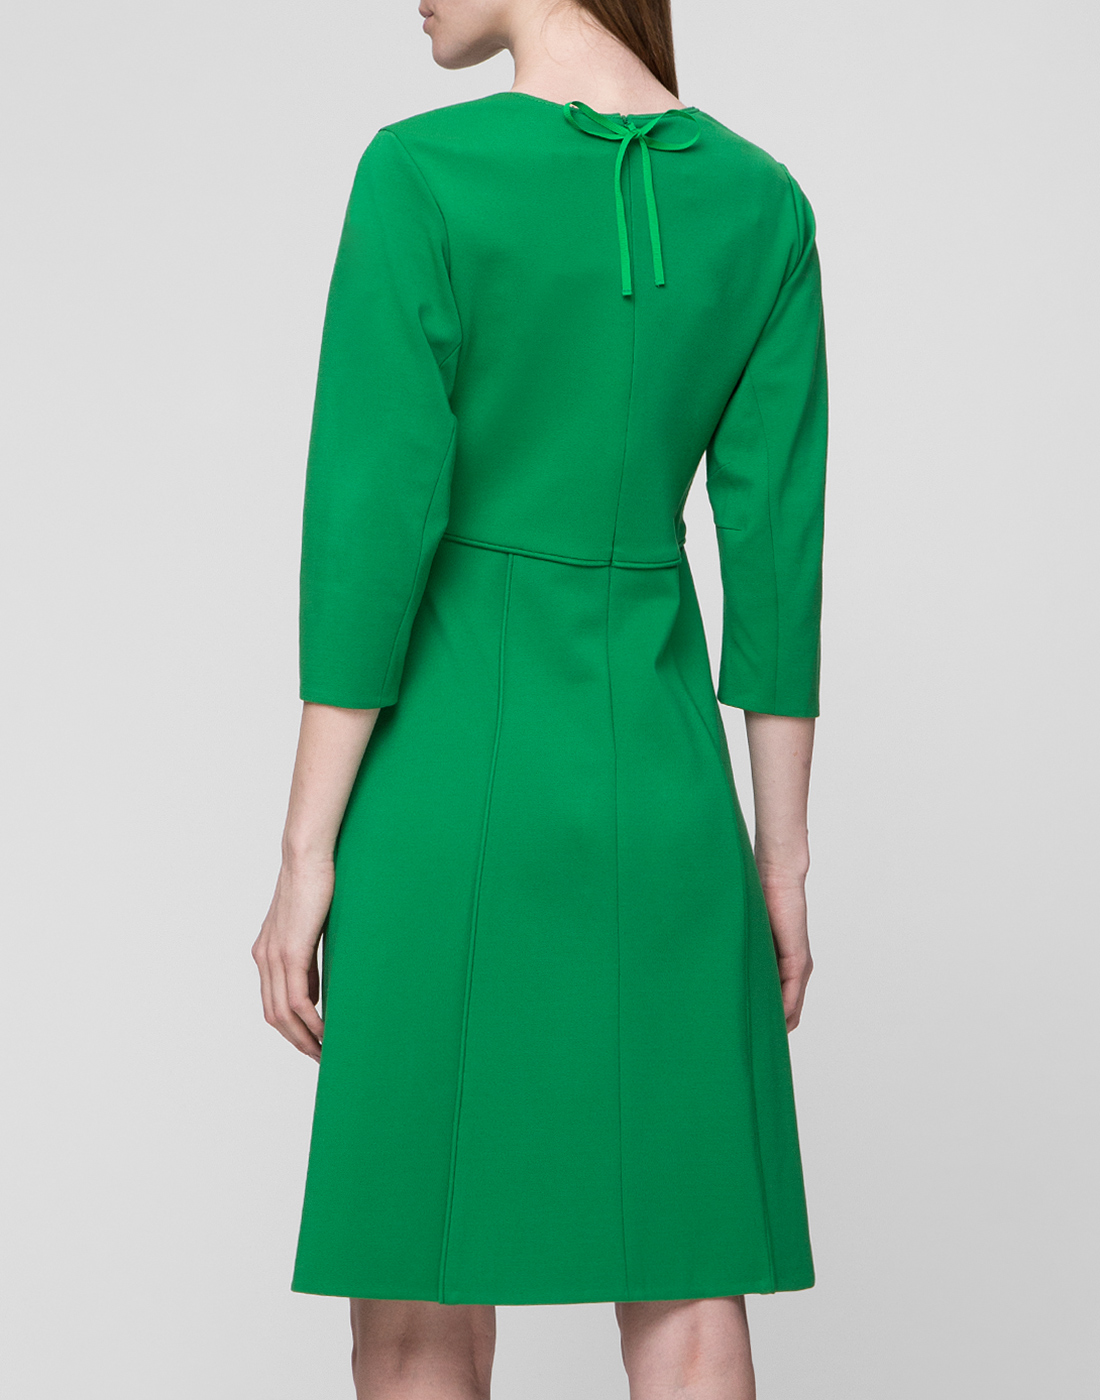 Женское зеленое платье Dorothee Schumacher S548013/562-4